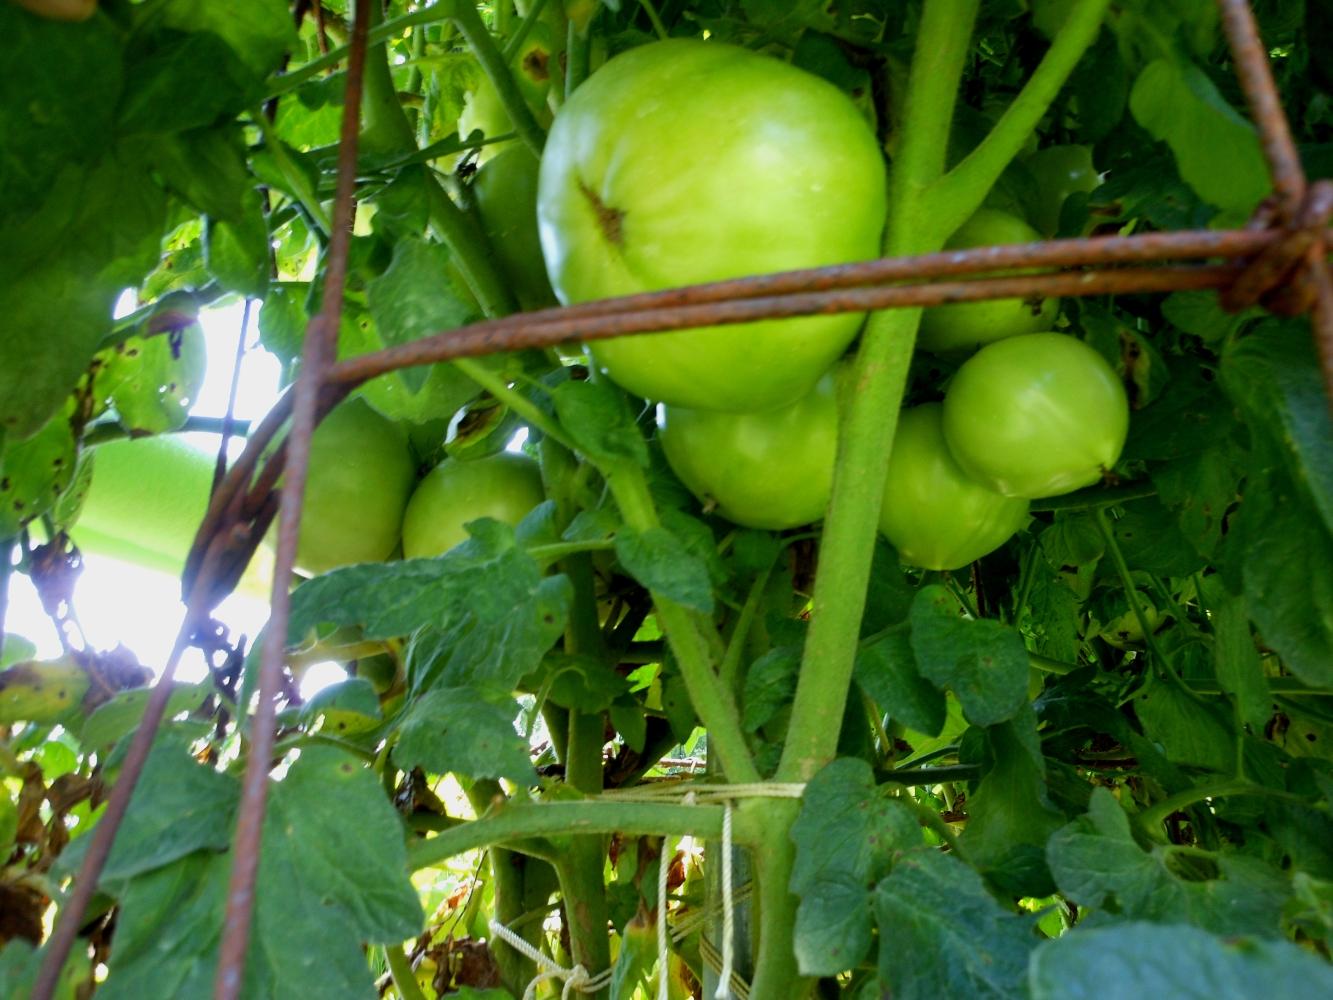 07-11-14_BetterBoy_Mass_Of_Tomatoes_06